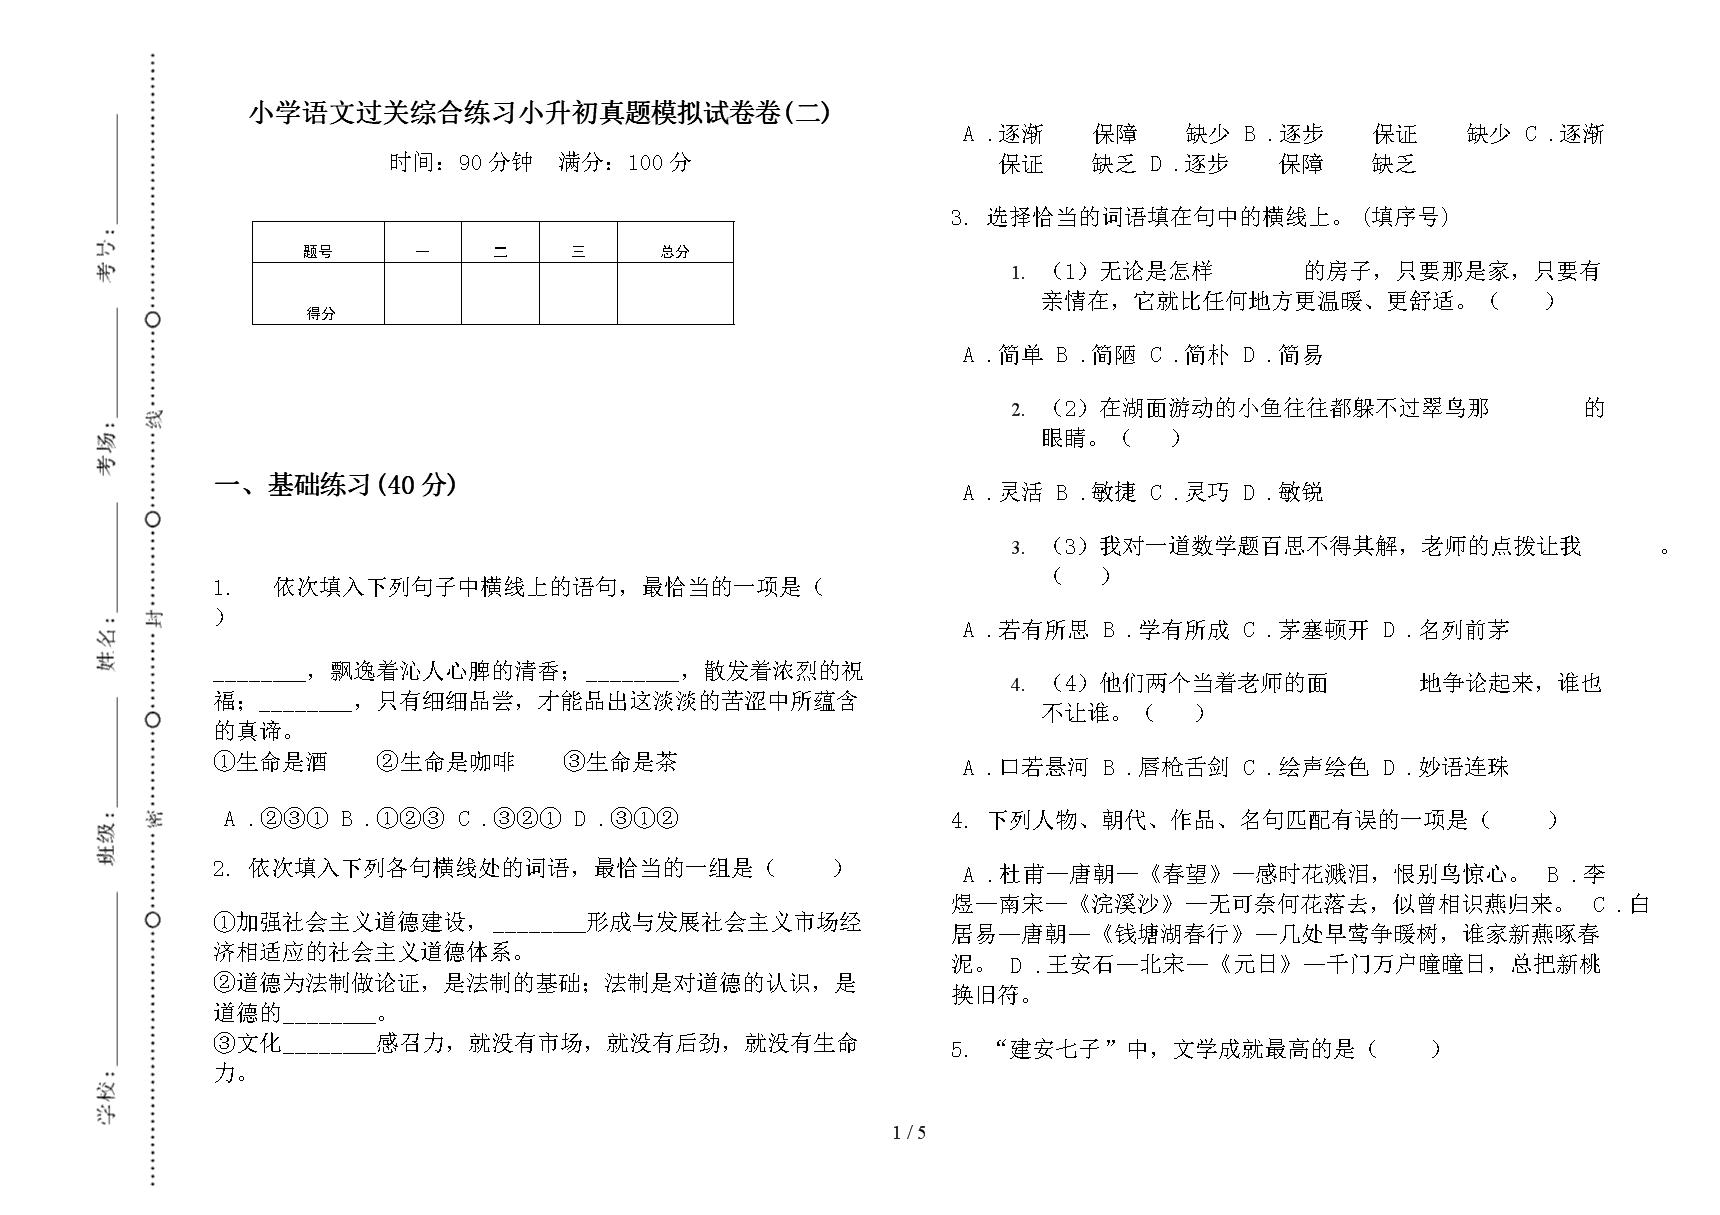 小学语文过关综合练习小升初真题模拟试卷卷(二).docx